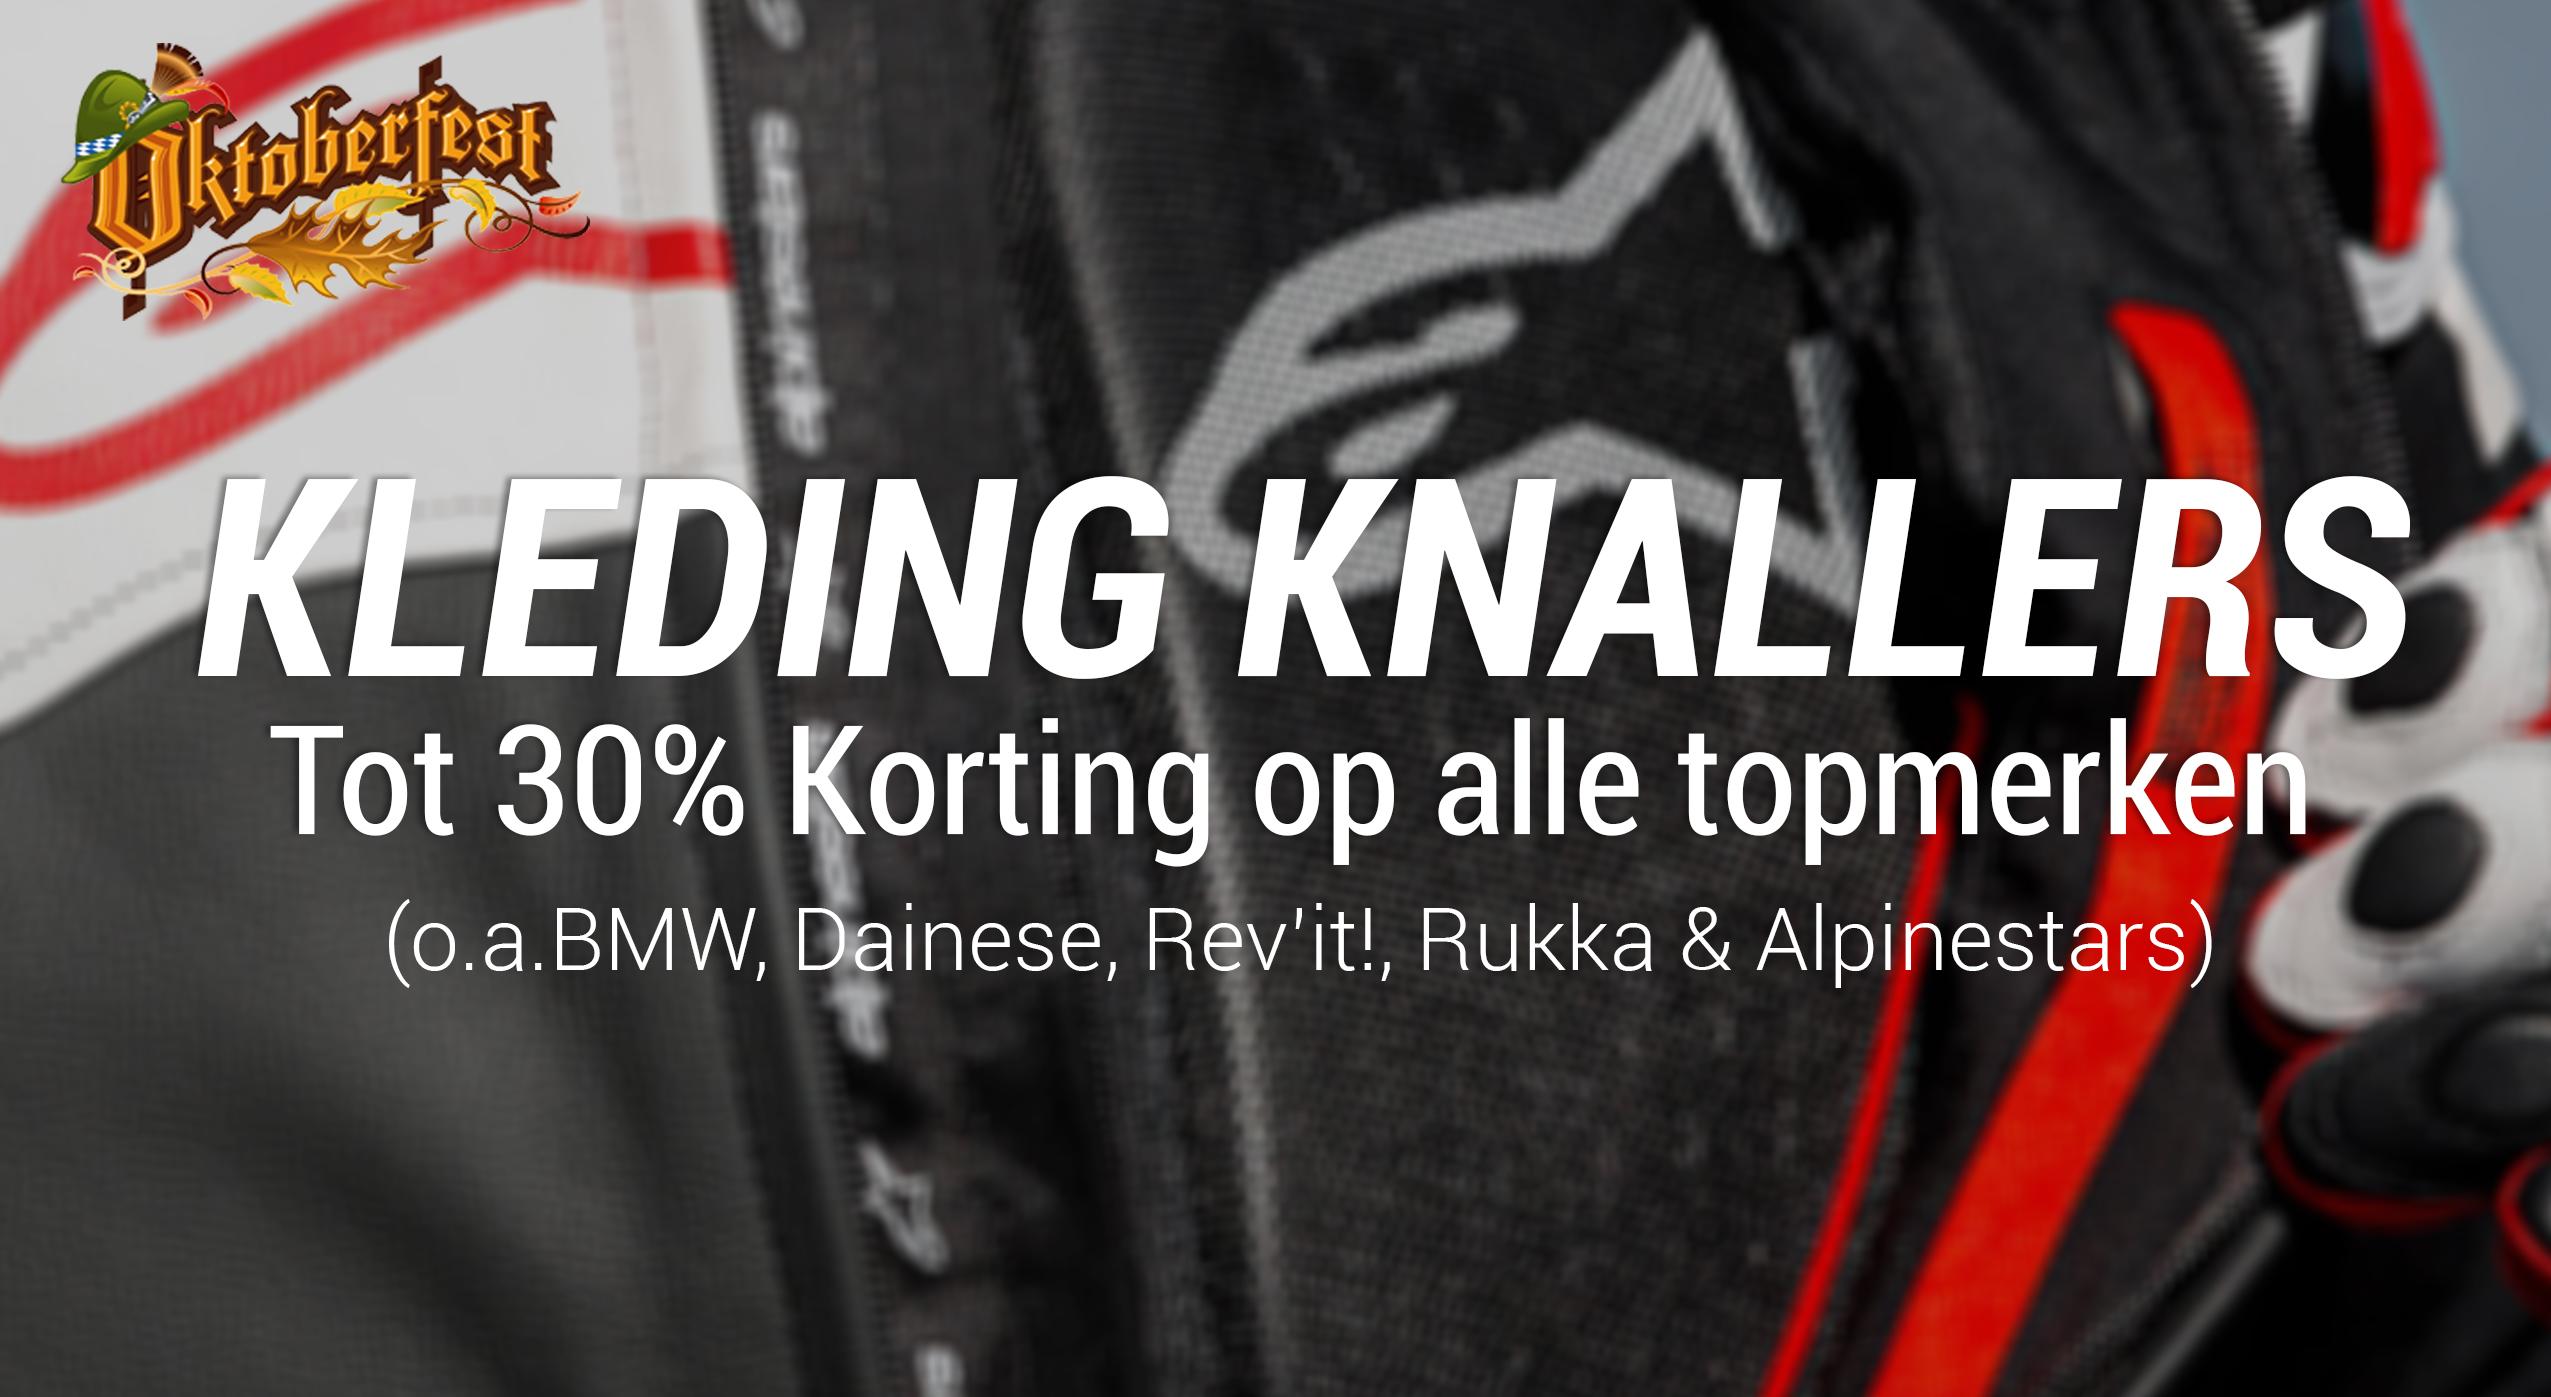 kleding-knallers-export.jpg